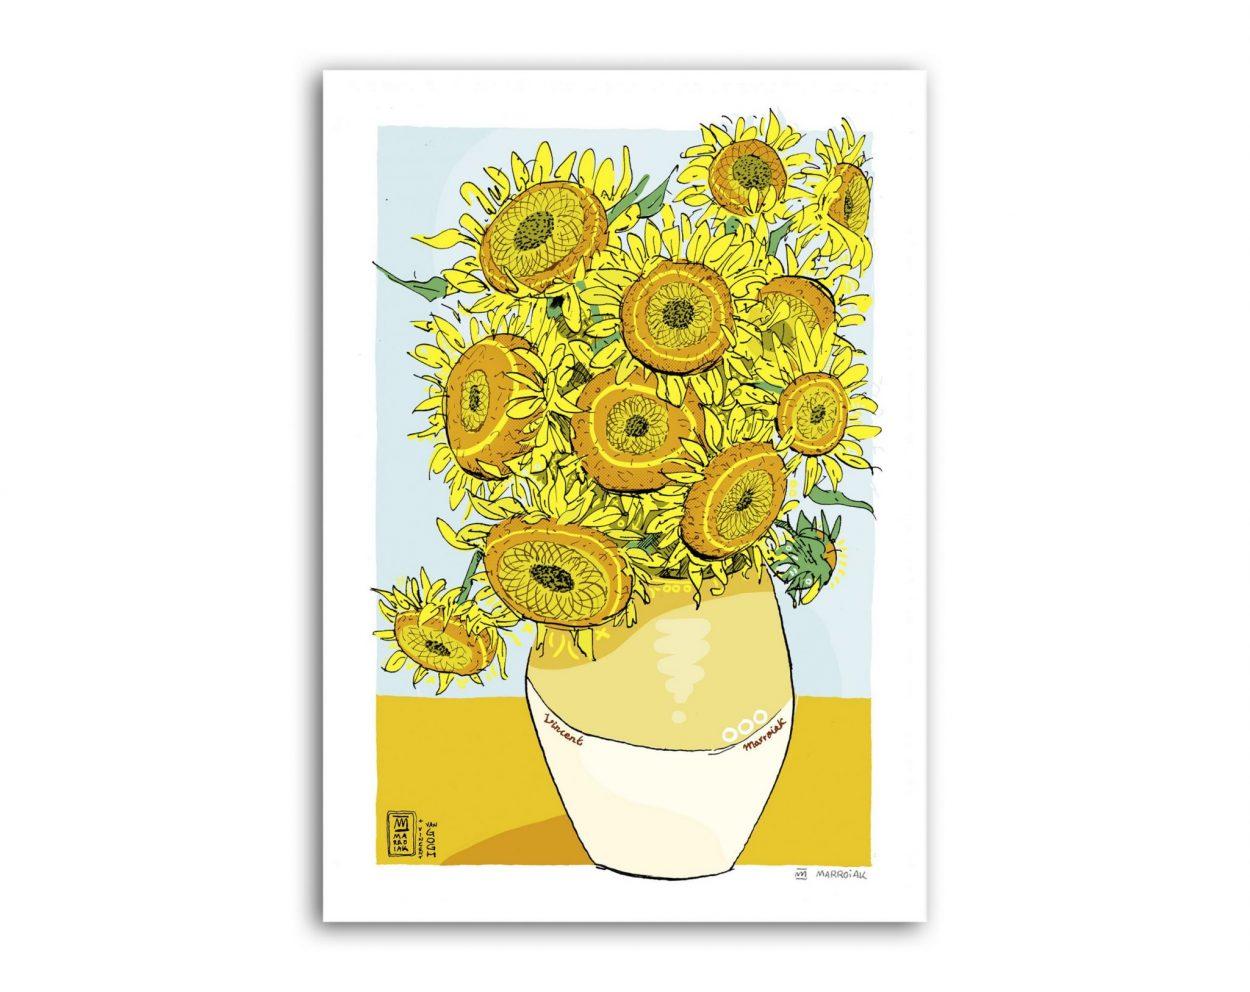 Lámina dibujo de los Girasoles de Van Gogh ReWork